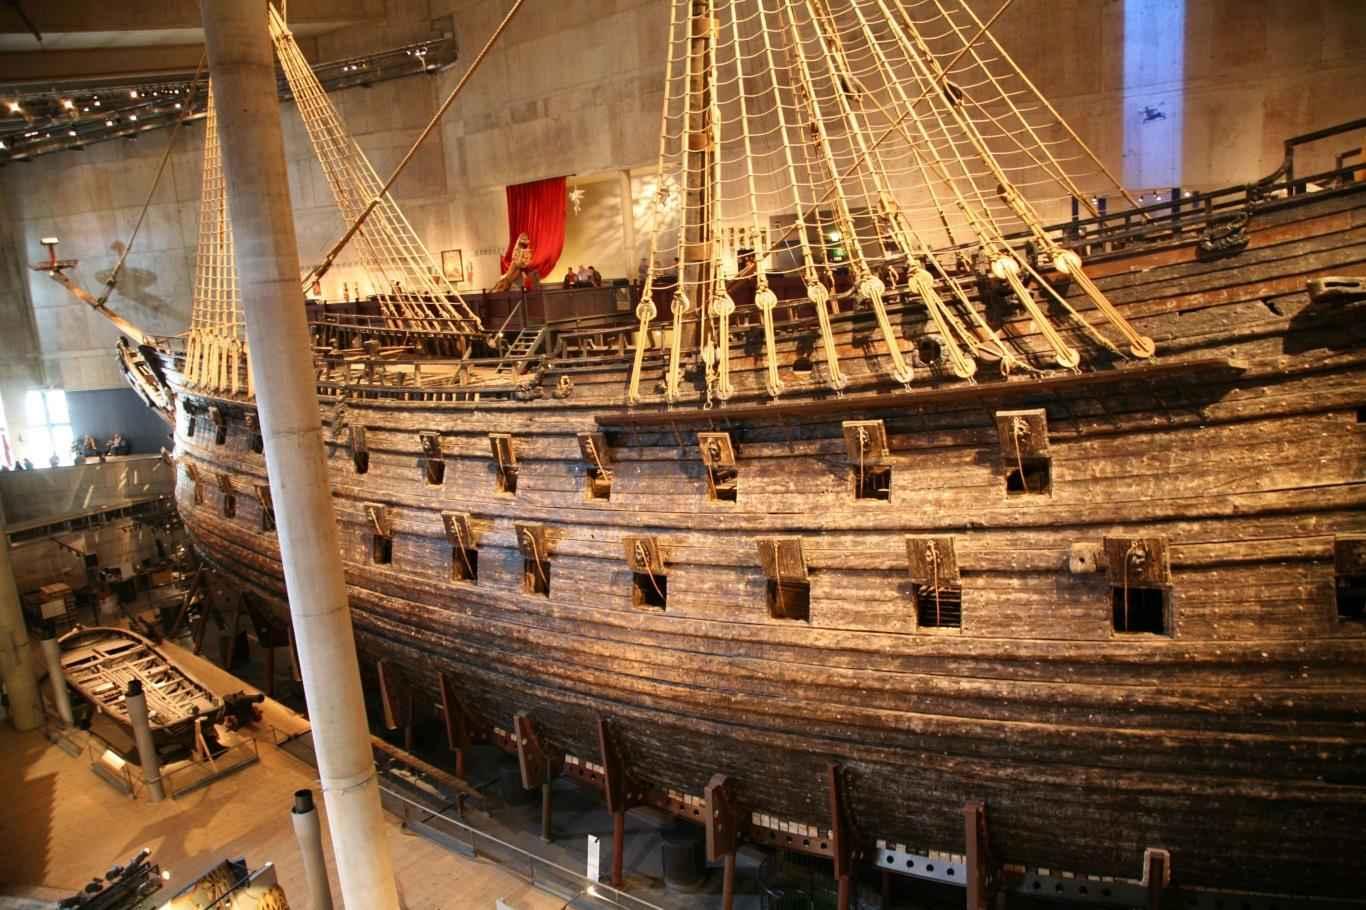 Kết quả hình ảnh cho Bảo tàng hàng hải Vasa